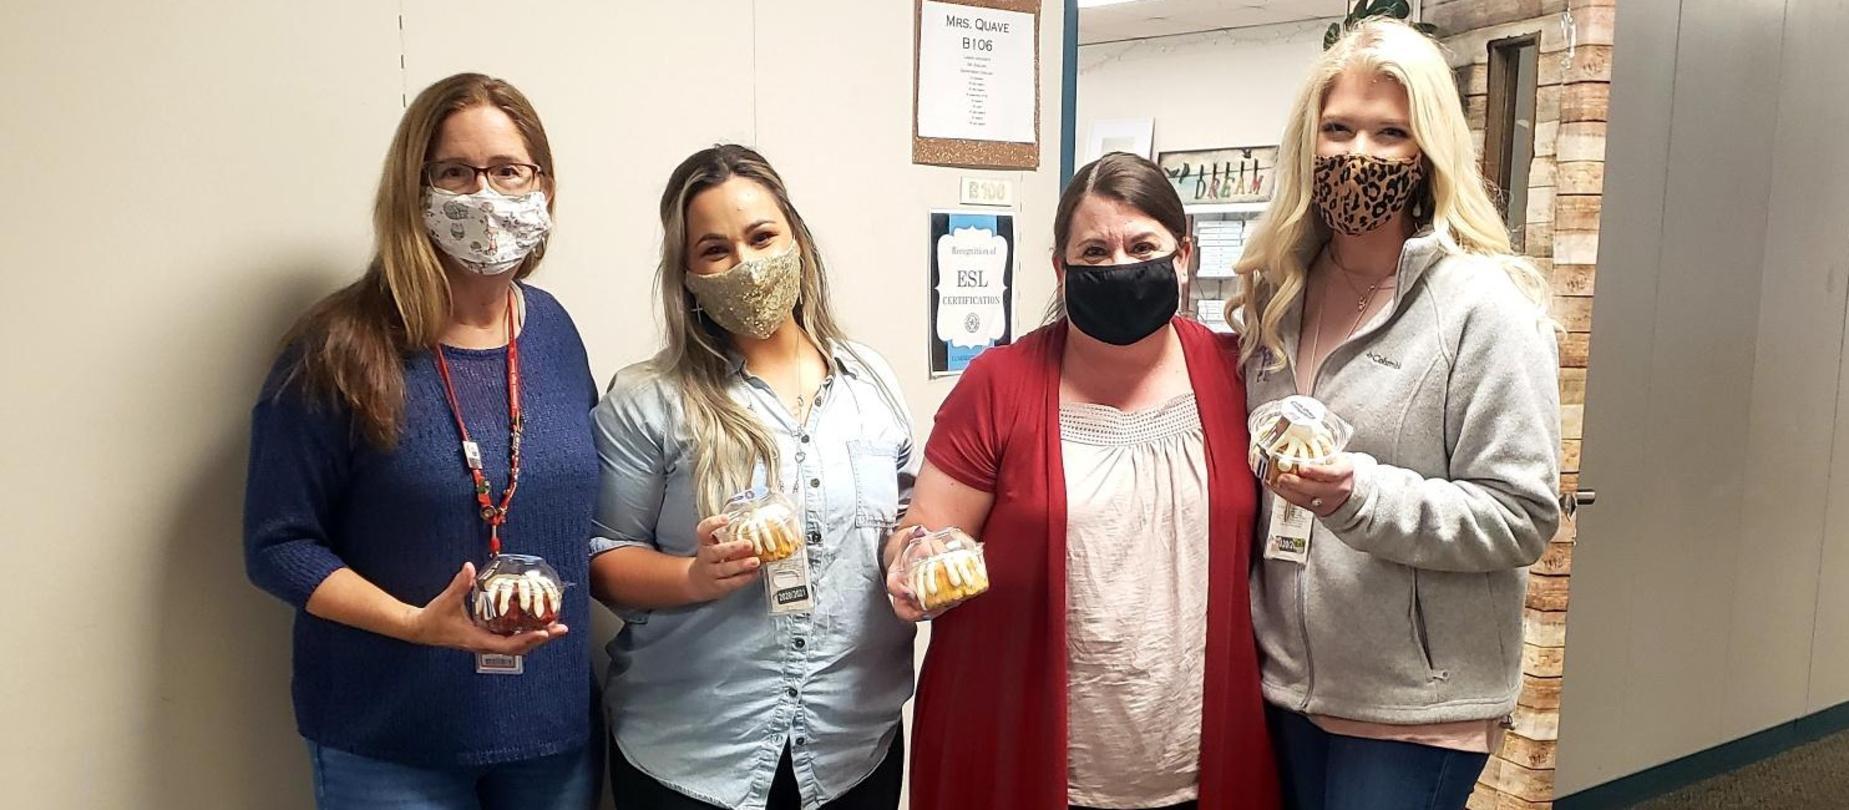 LHS Teachers receive a sweet treat for Teacher Appreciation Week